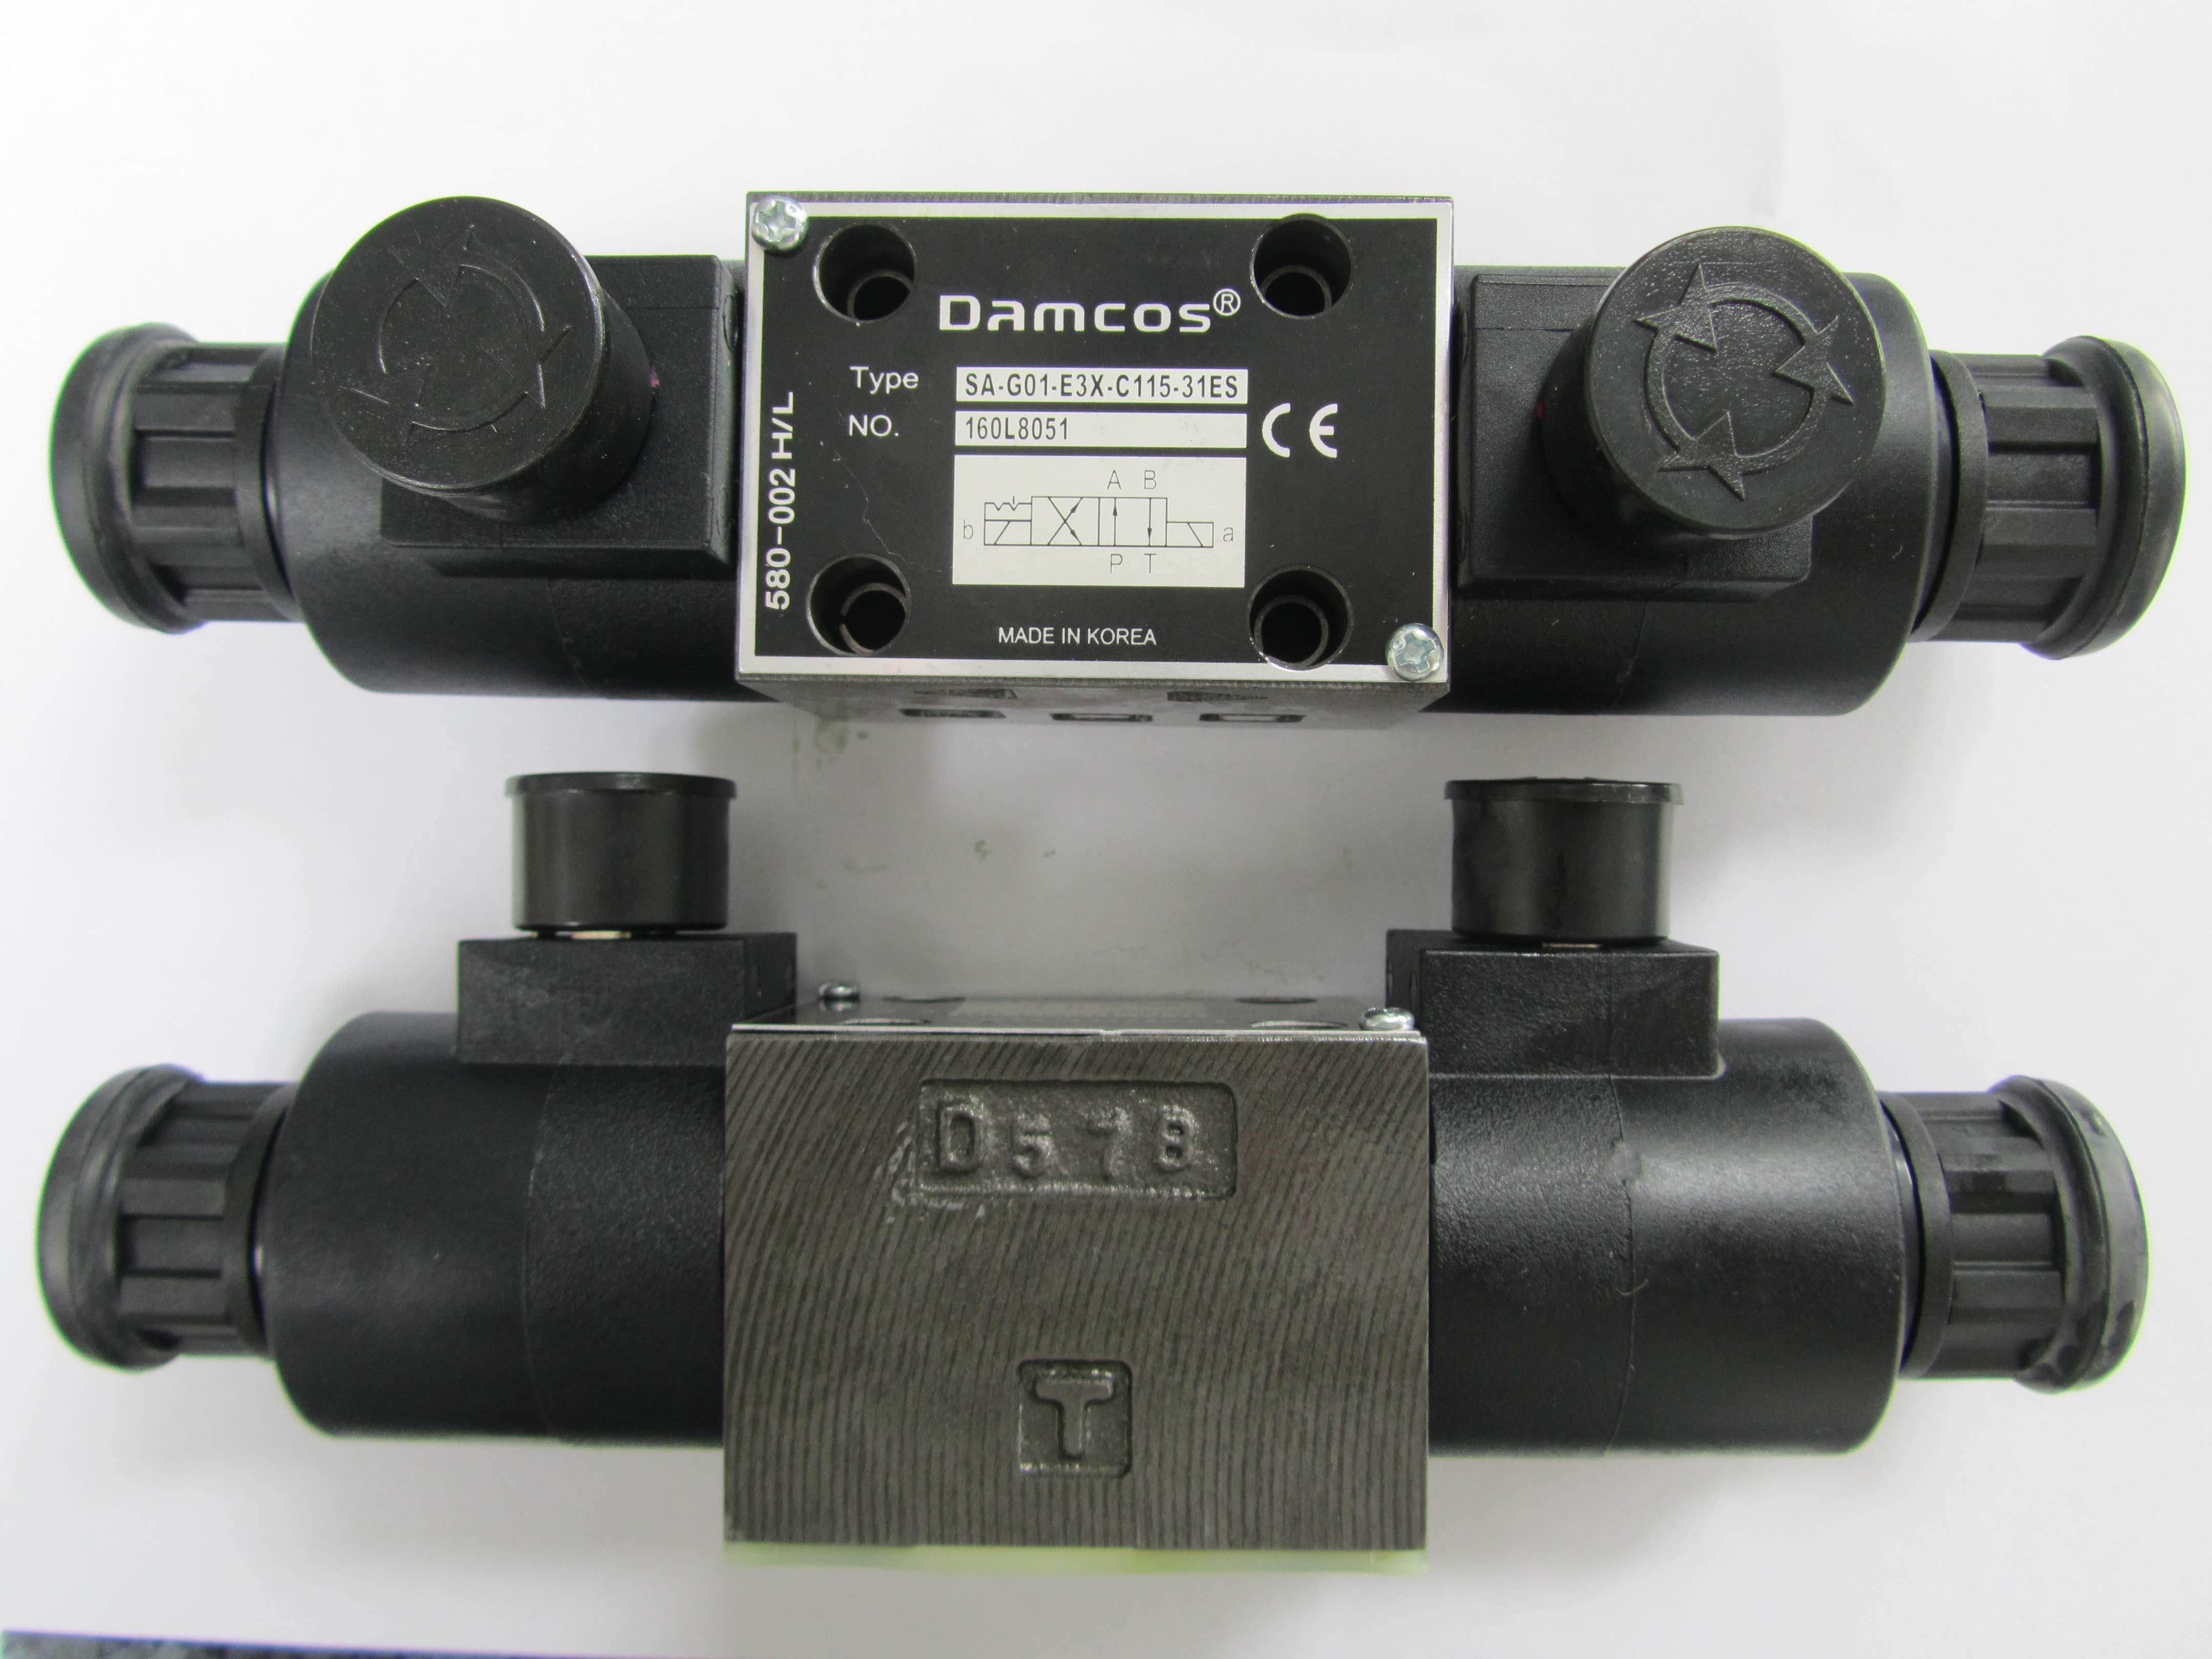 Damcos-160L8051 : 160L8076